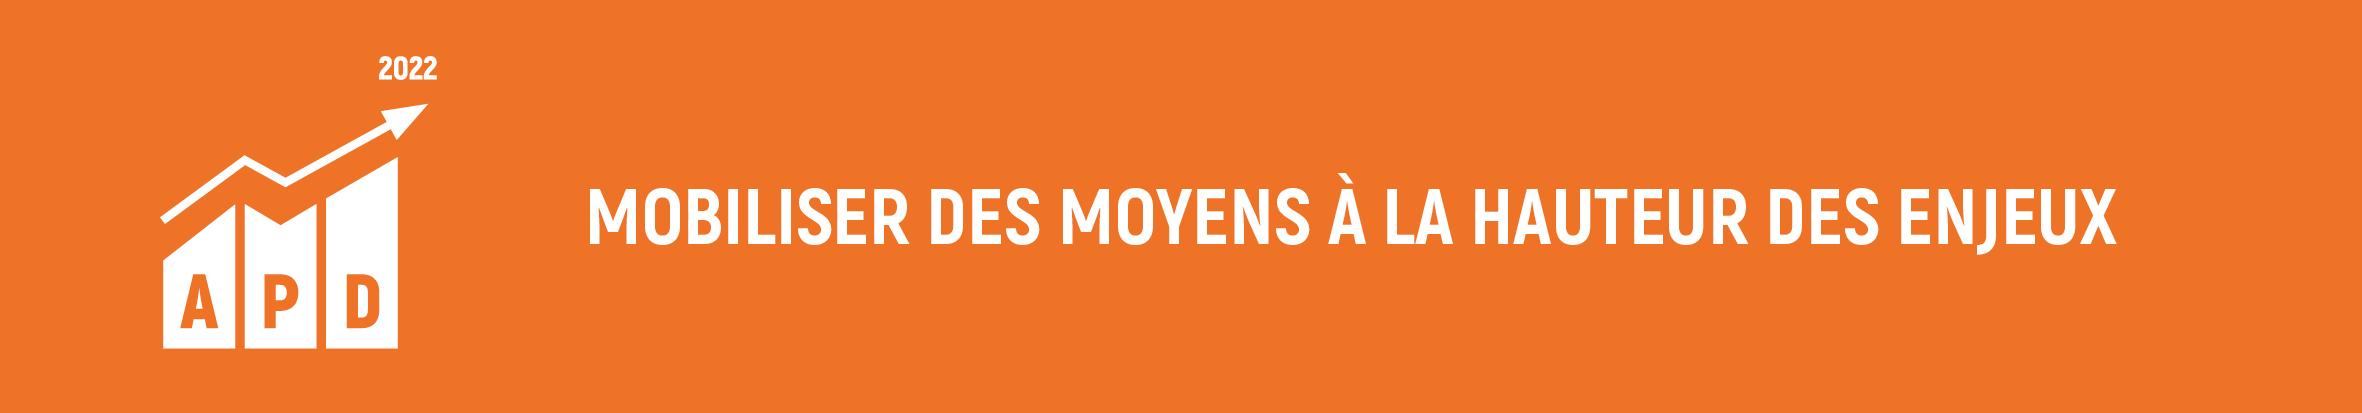 bloc-marqeurs3